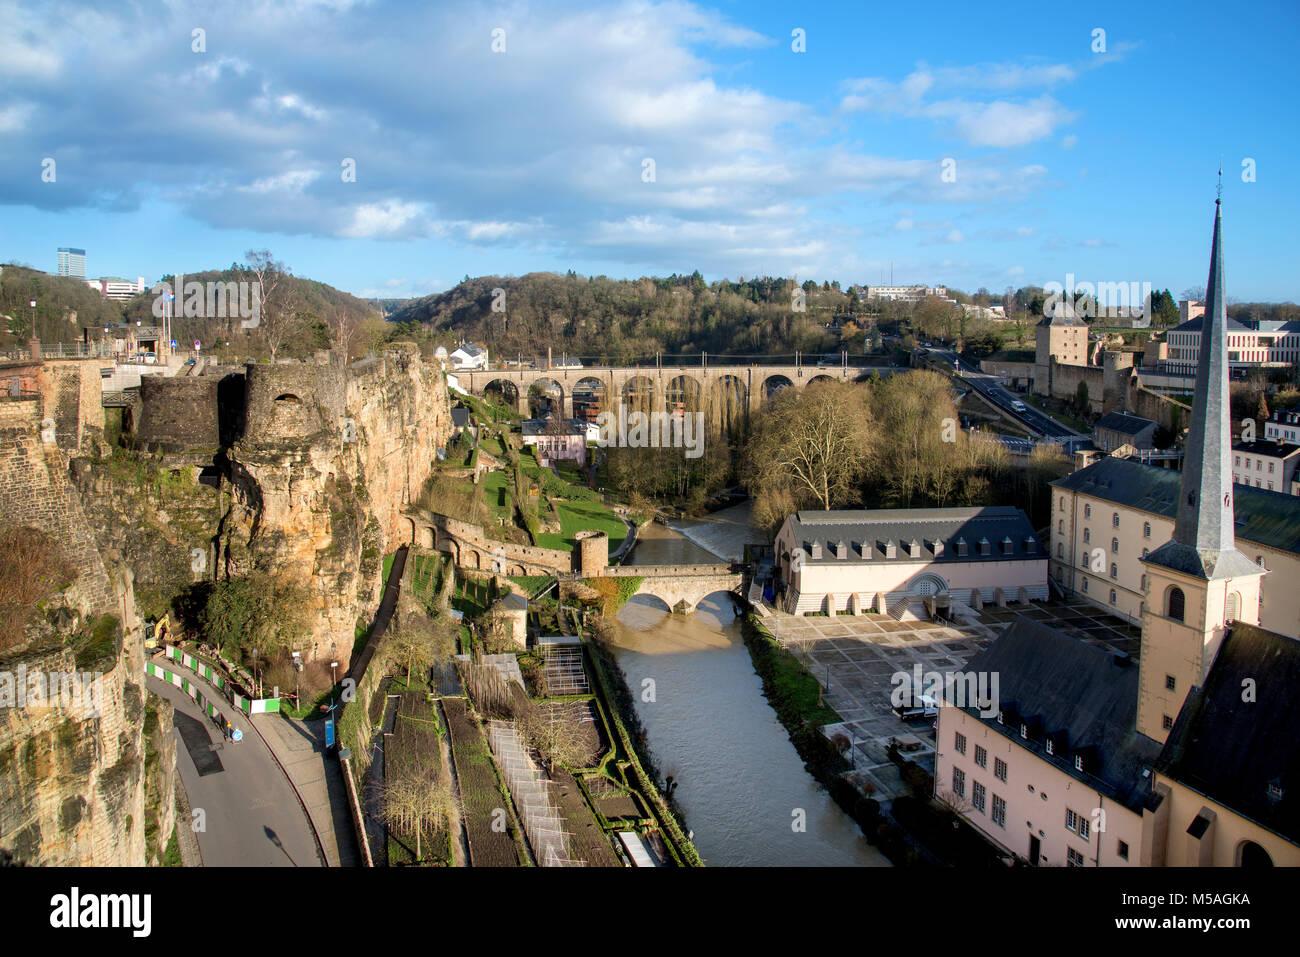 Die alzette Fluss in der Stadt Luxemburg, Luxemburg, Hervorhebung der Neumünster Abbey und den Saint-Jean-du Stockbild